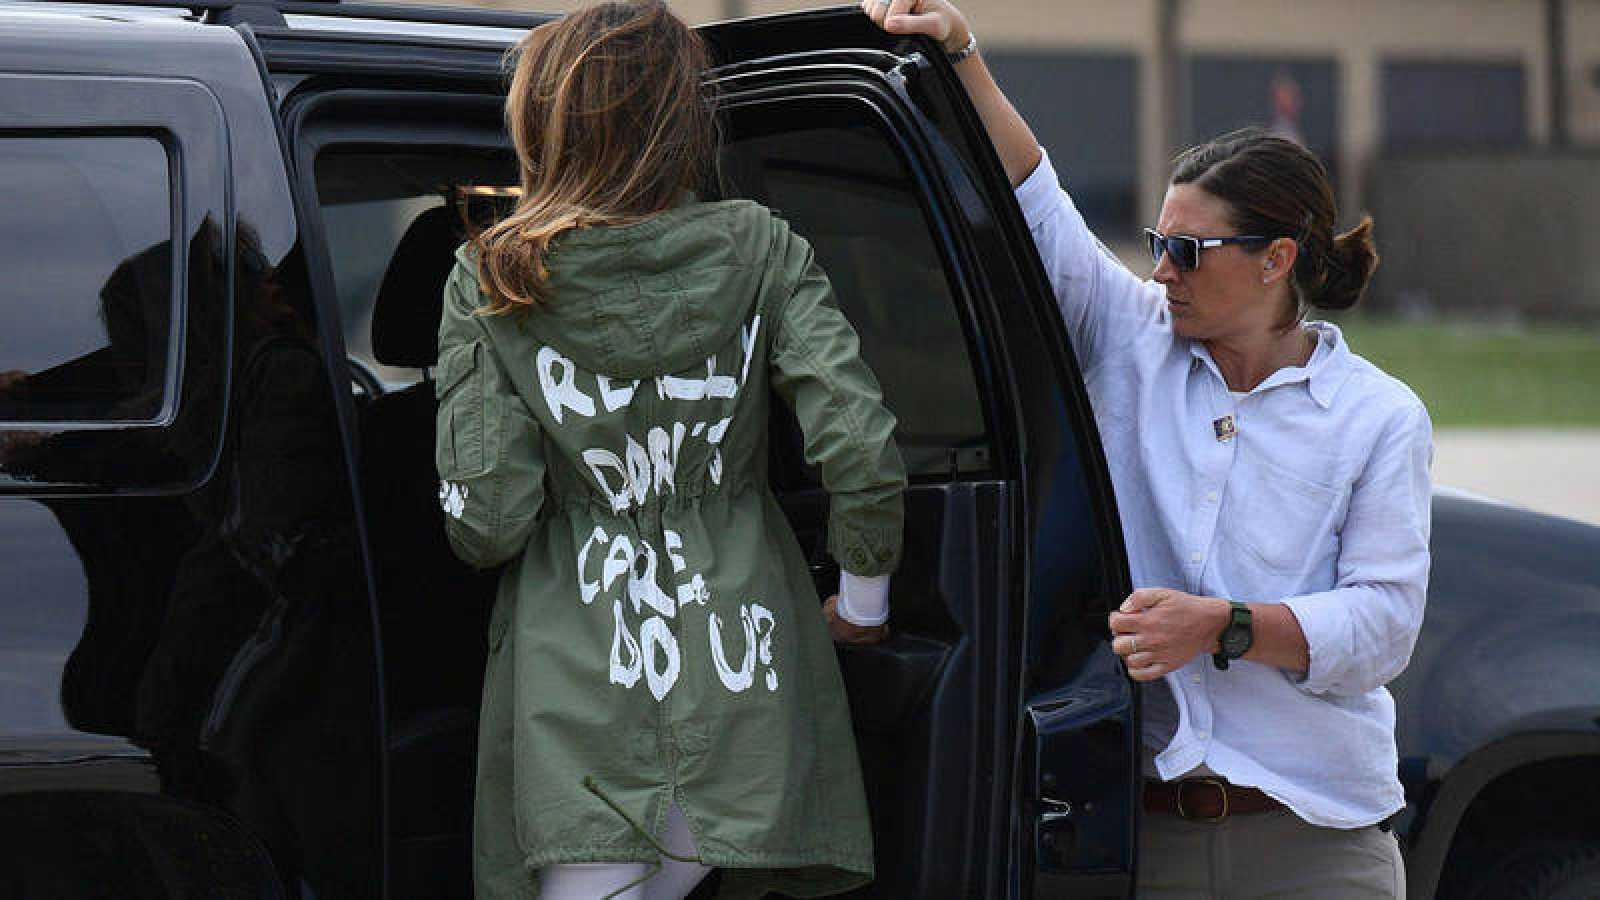 Un Mensaje En La Chaqueta De Melania Trump Eclipsa Su Visita